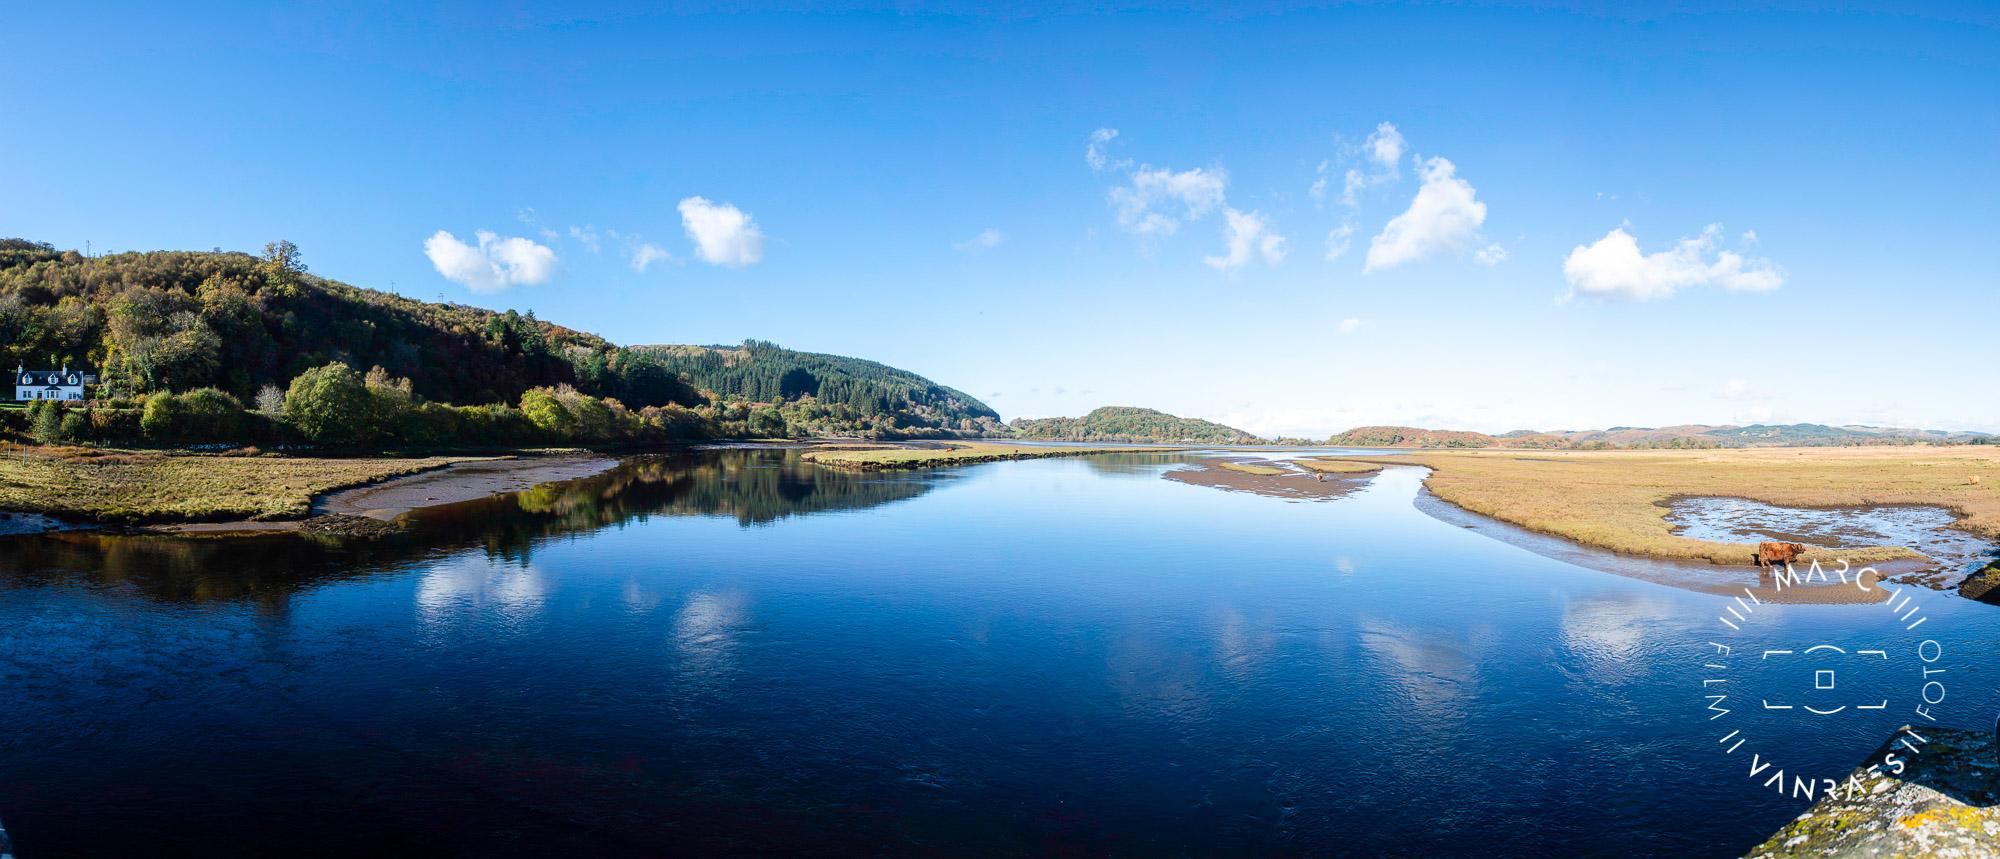 © Deze foto's van Loch Creran - www.marcvanraes.be - _